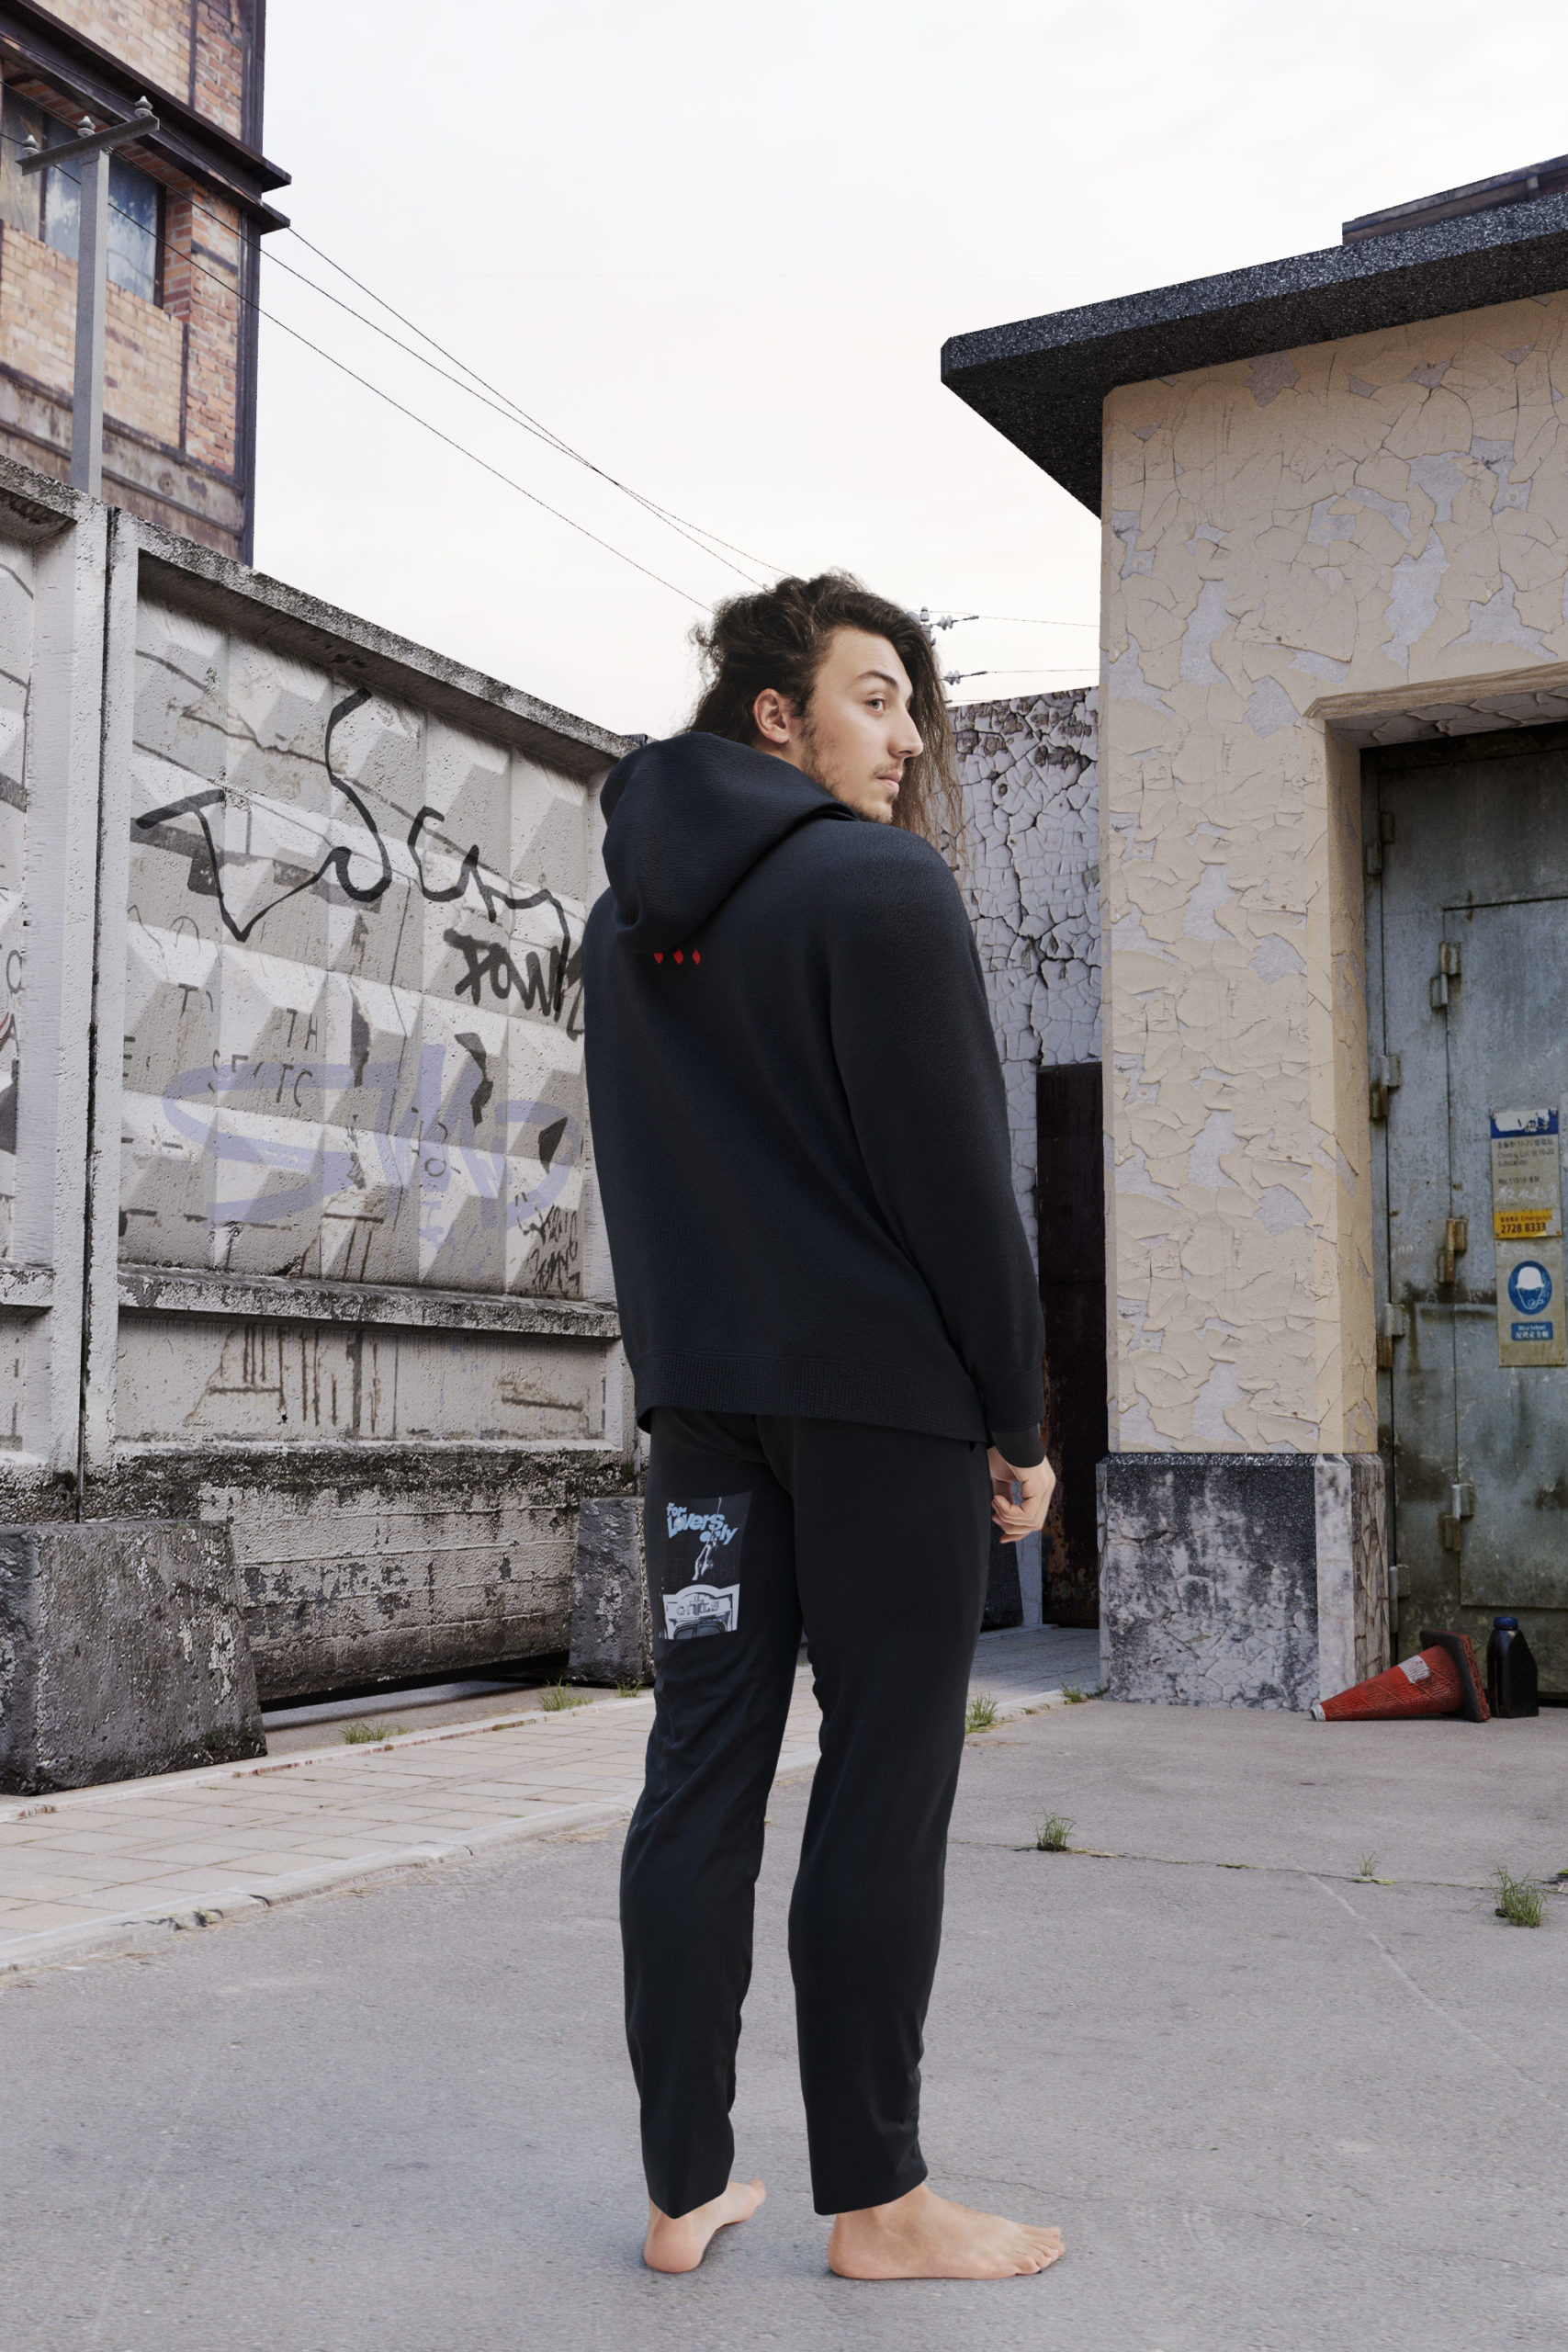 Чёрная худи и оверсайз футболка, которые не захочется снимать: TSCH представил новую коллекцию одежды